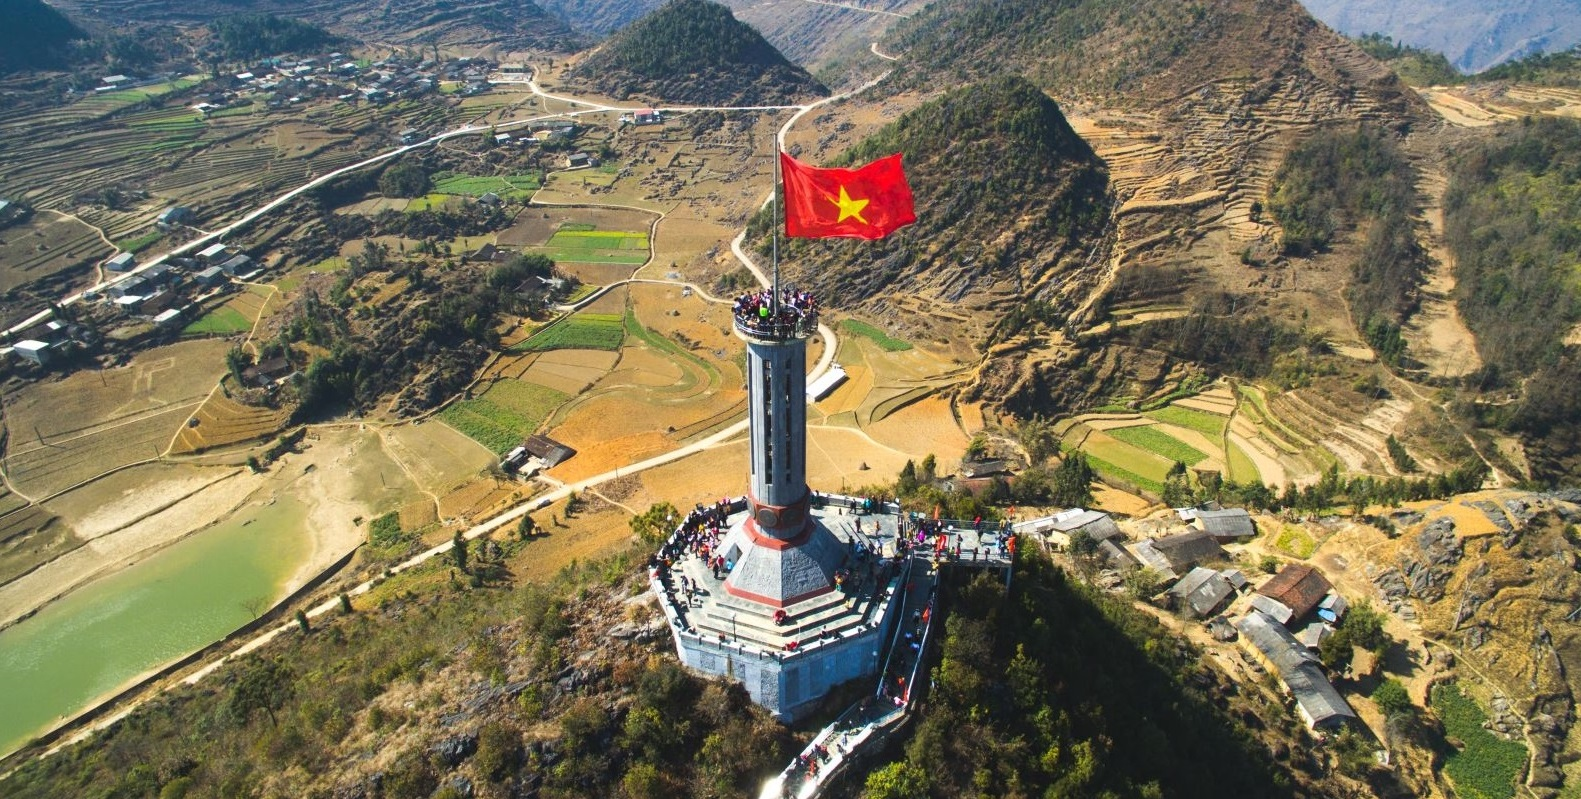 Hà Giang phục vụ an toàn 12.000 lượt khách du lịch trong dịp Tết Nguyên đán Tân Sửu 2021